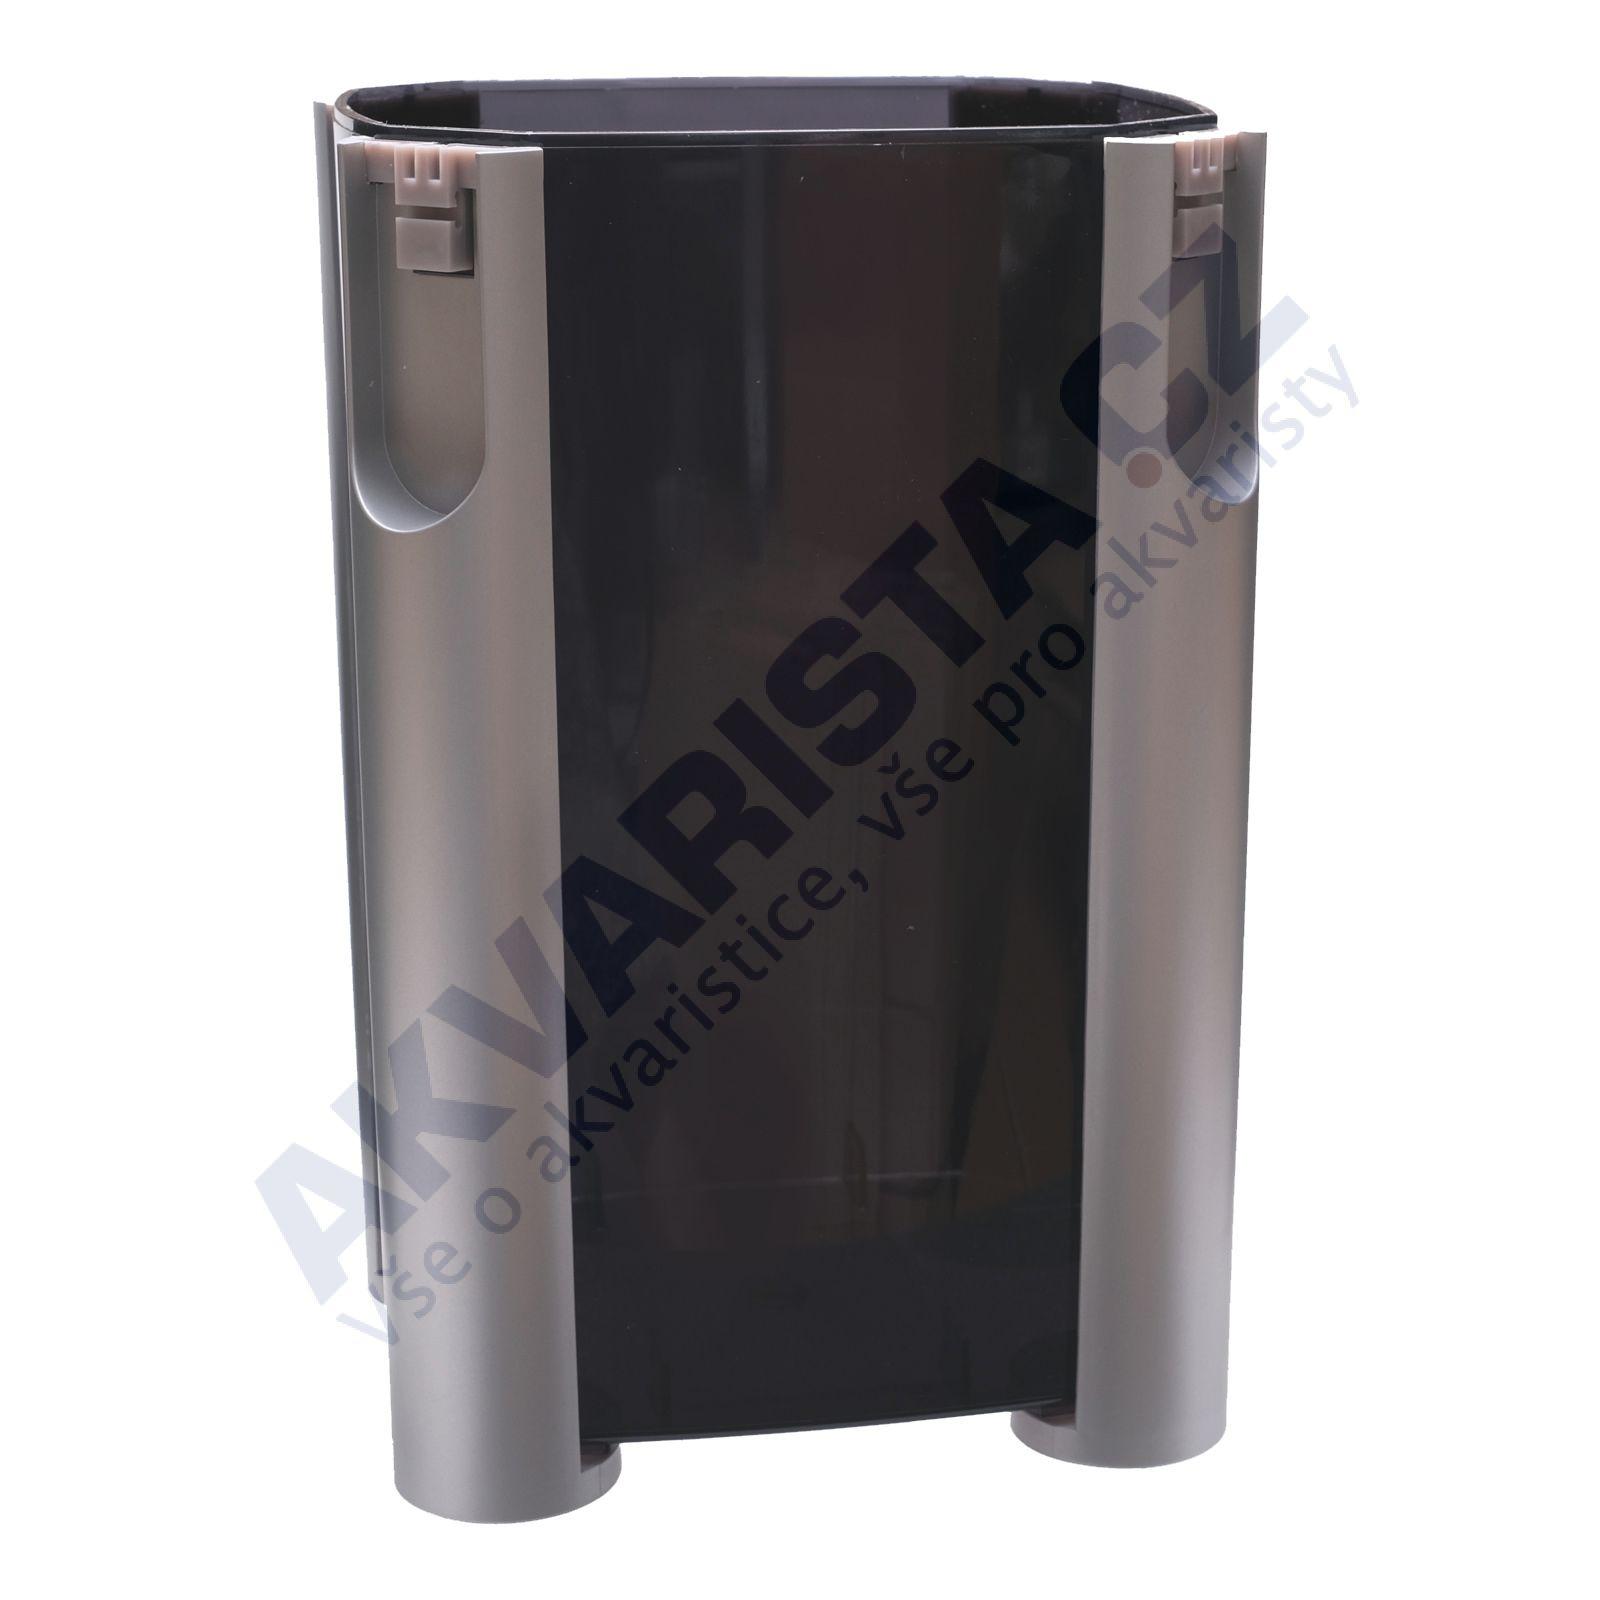 JBL Náhradní nádoba filtru CristalProfi e1901, e1902